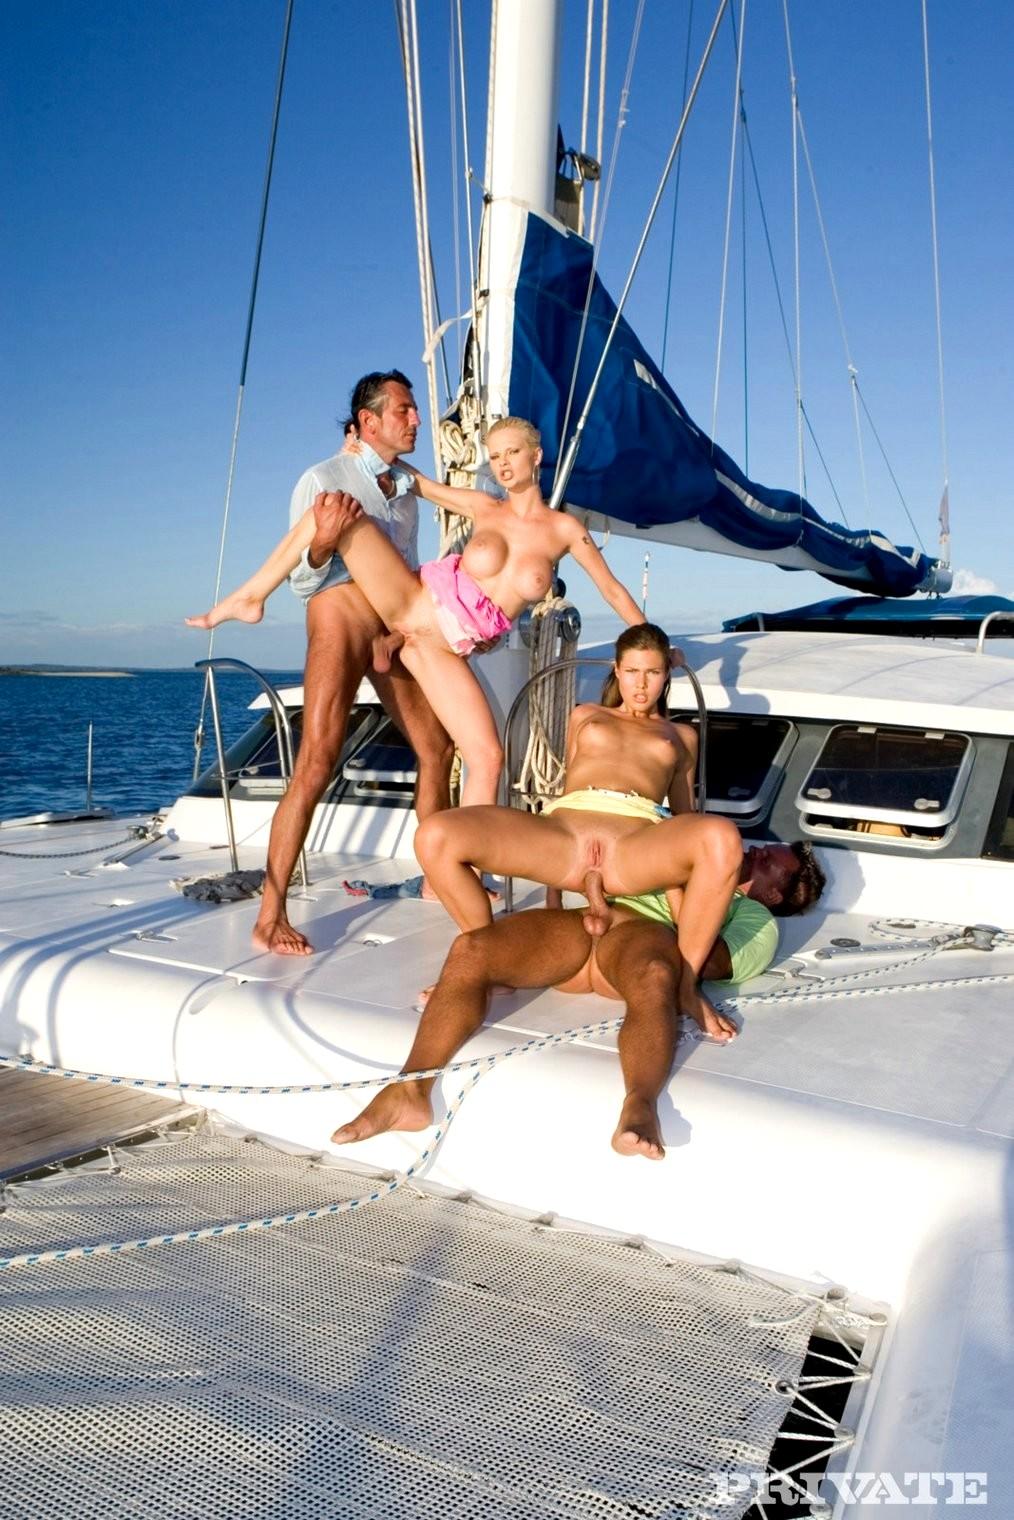 госпожа на яхте - 6